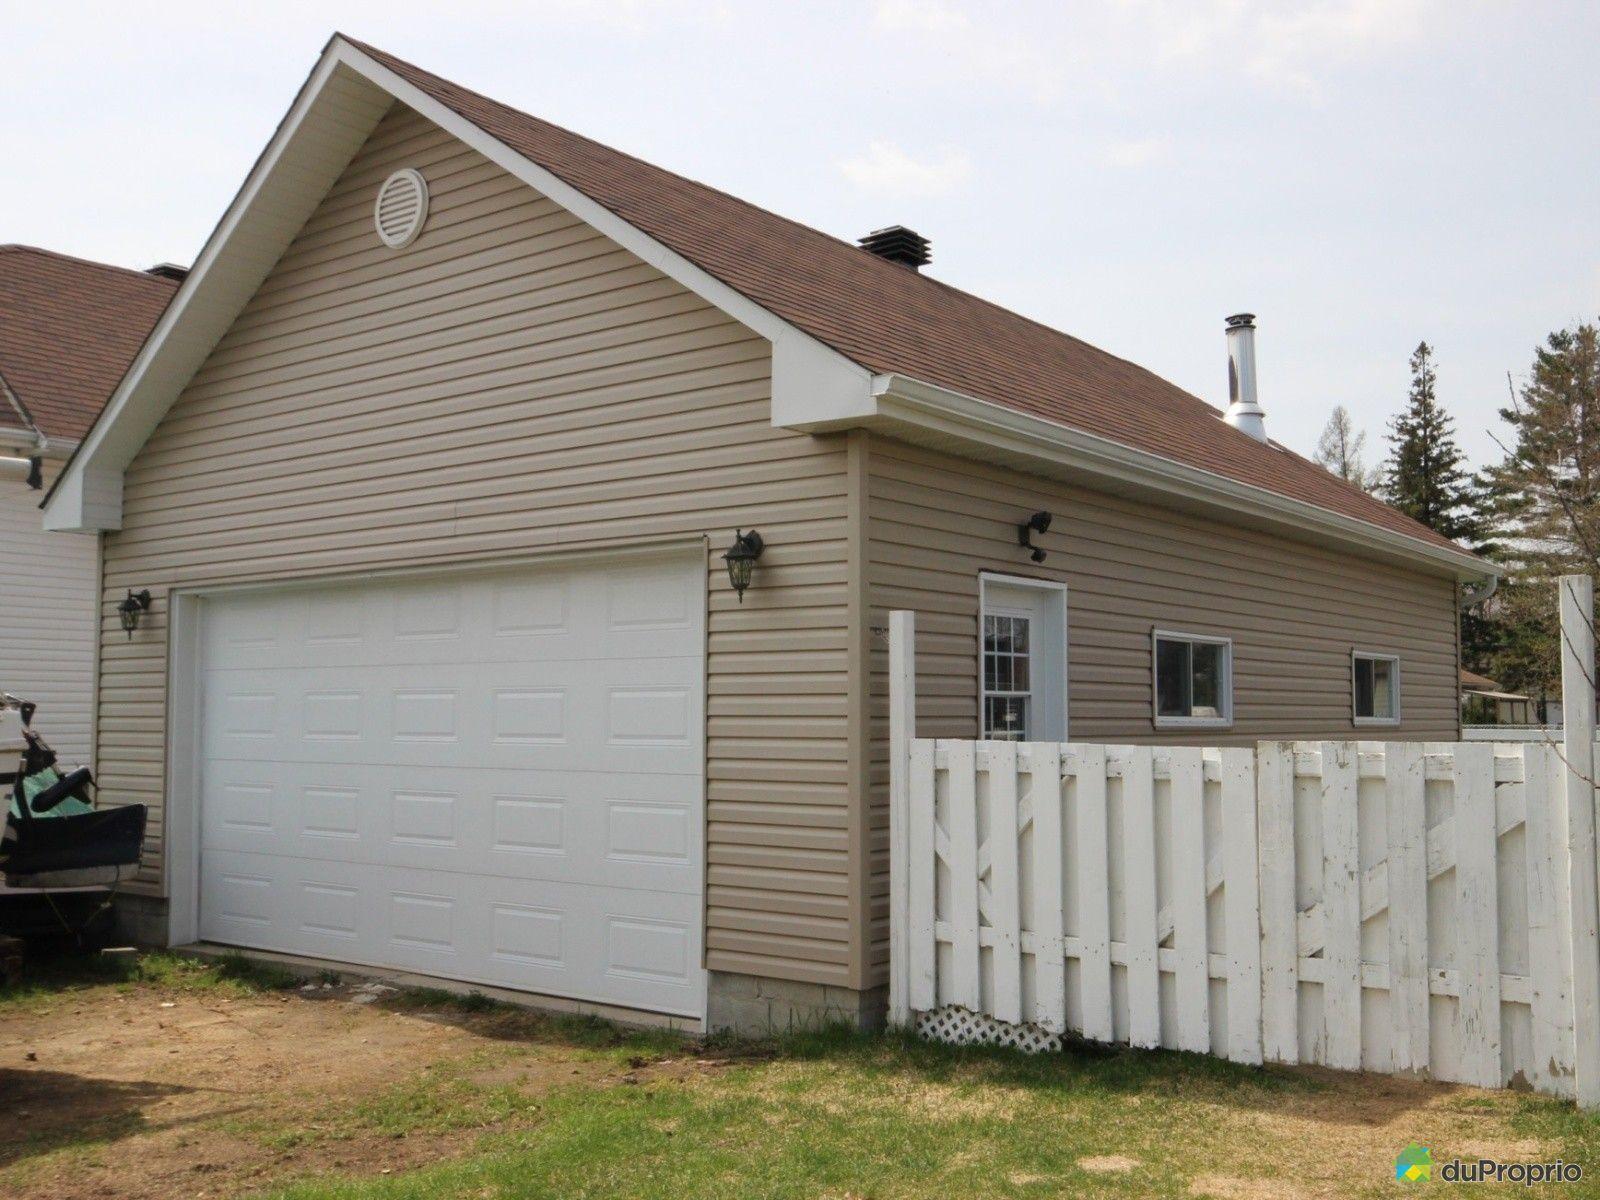 Maison vendre pointe calumet 233 avenue 37e immobilier for Garage desaffecte a vendre